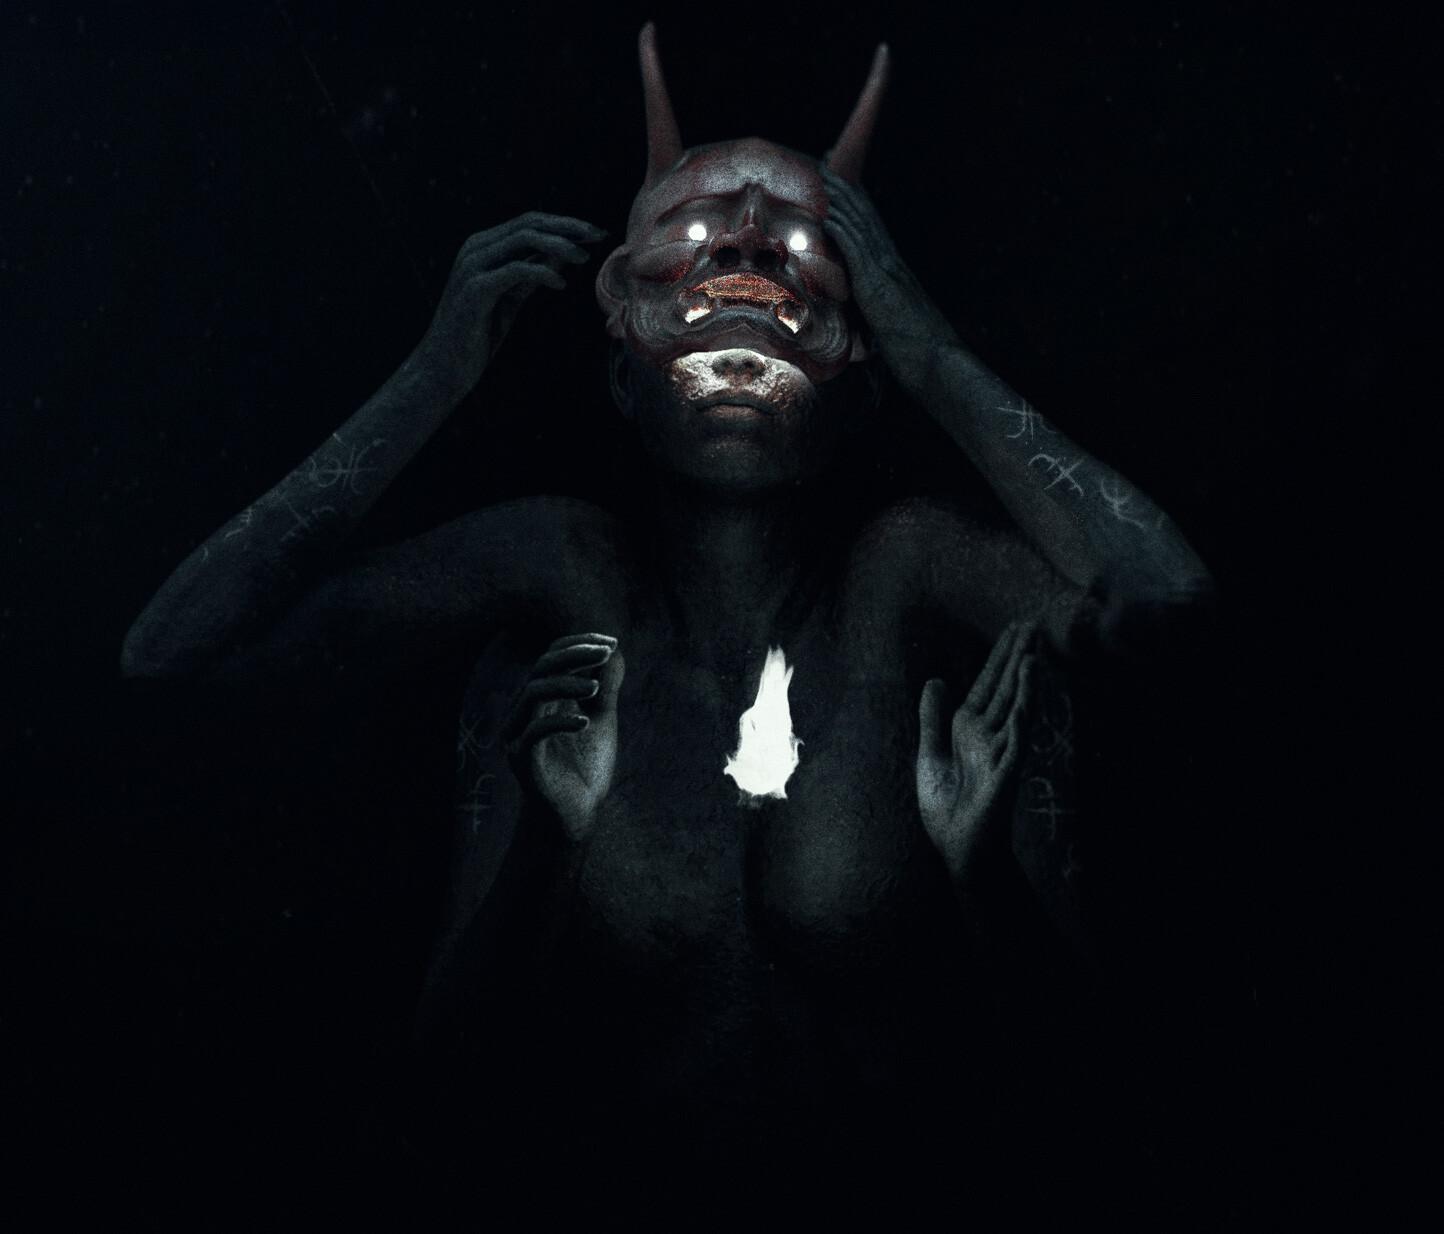 Black Omen - Everydays